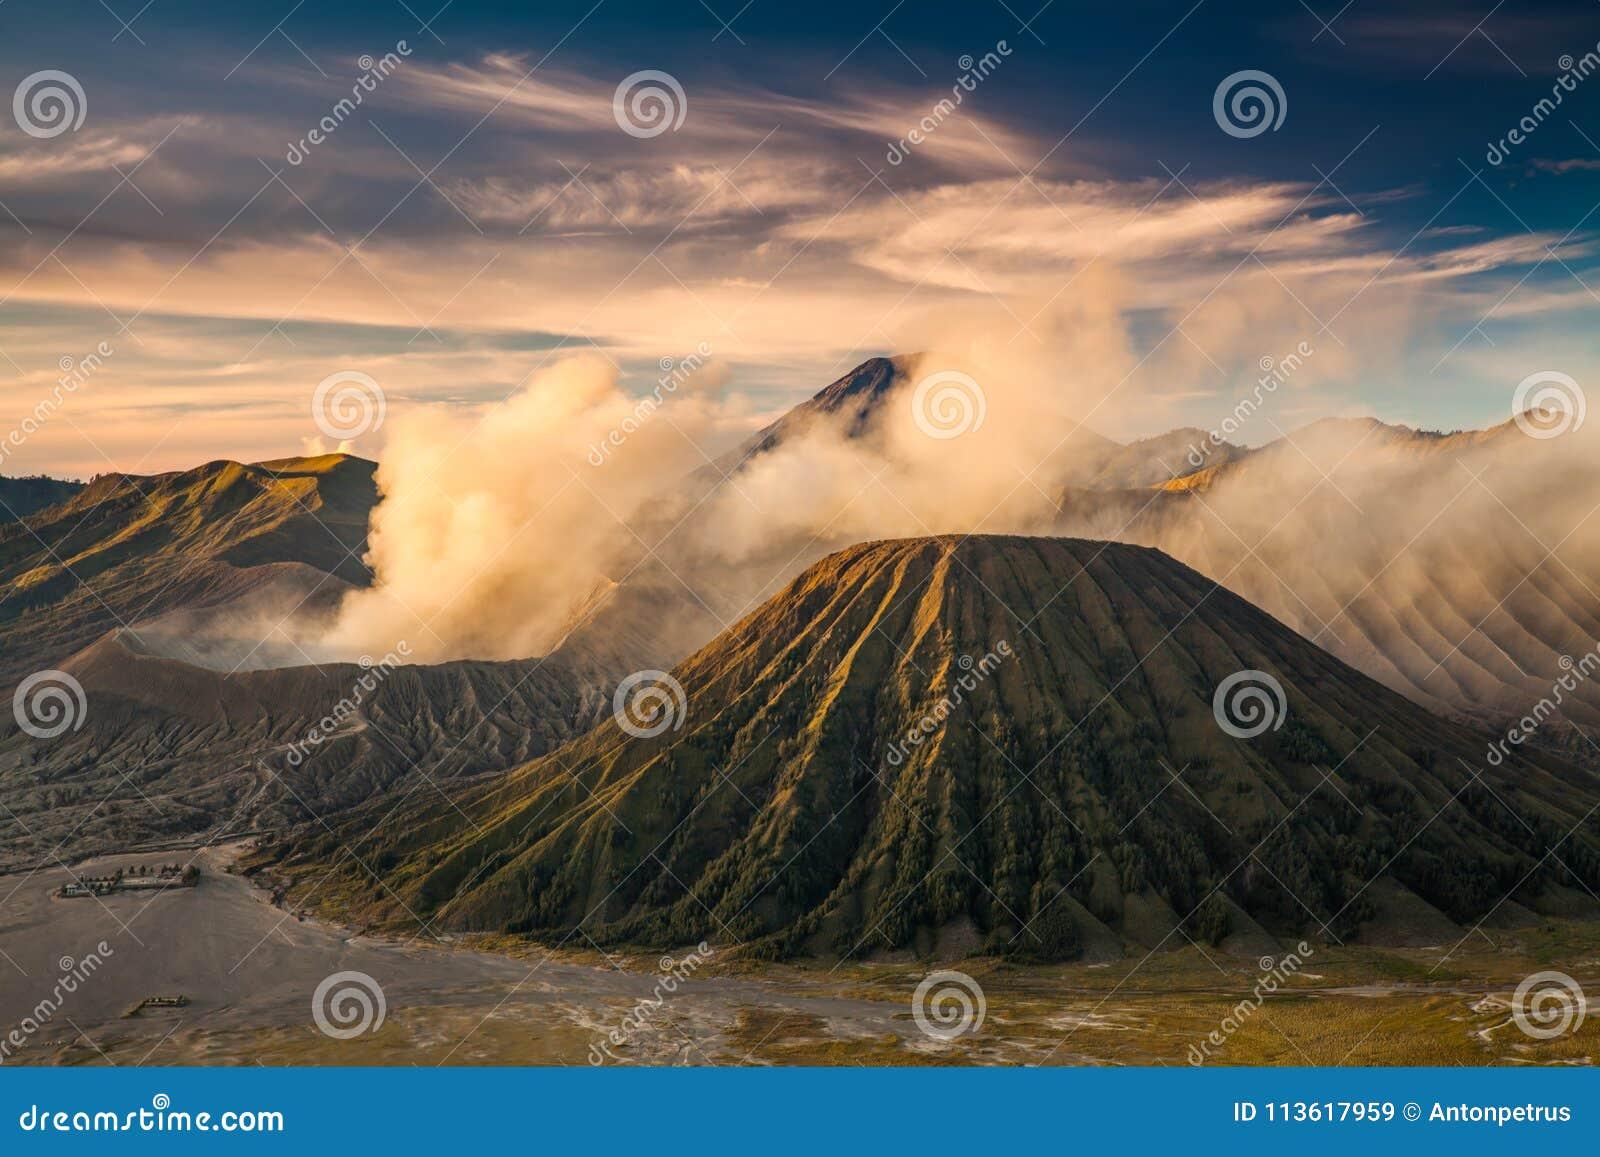 Zet Bromo-vulkaan Gunung Bromo tijdens het Nationale Park van zonsopgangbromo Tengger Semeru, Oost-Java, Indonesië op